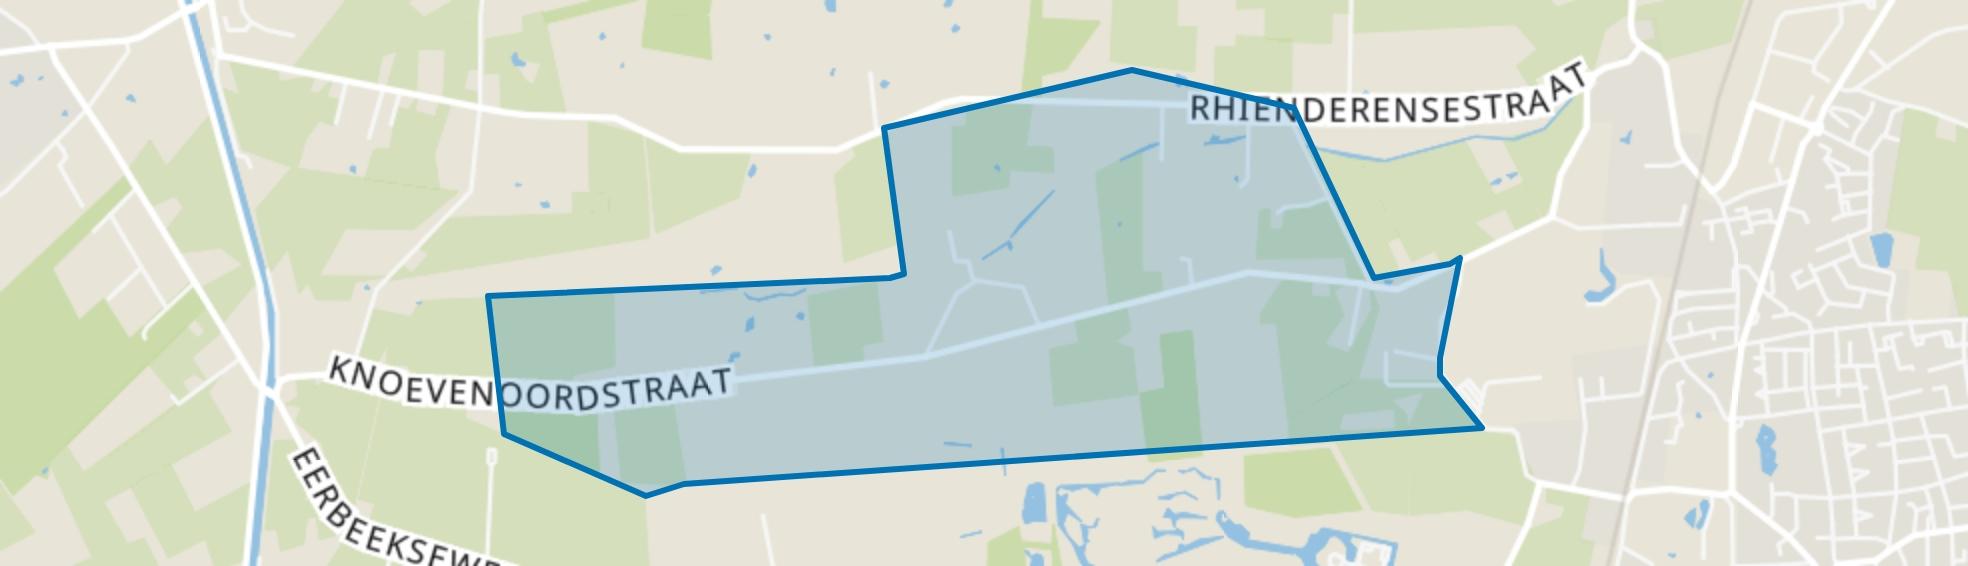 Rhienderense Broek, Brummen map